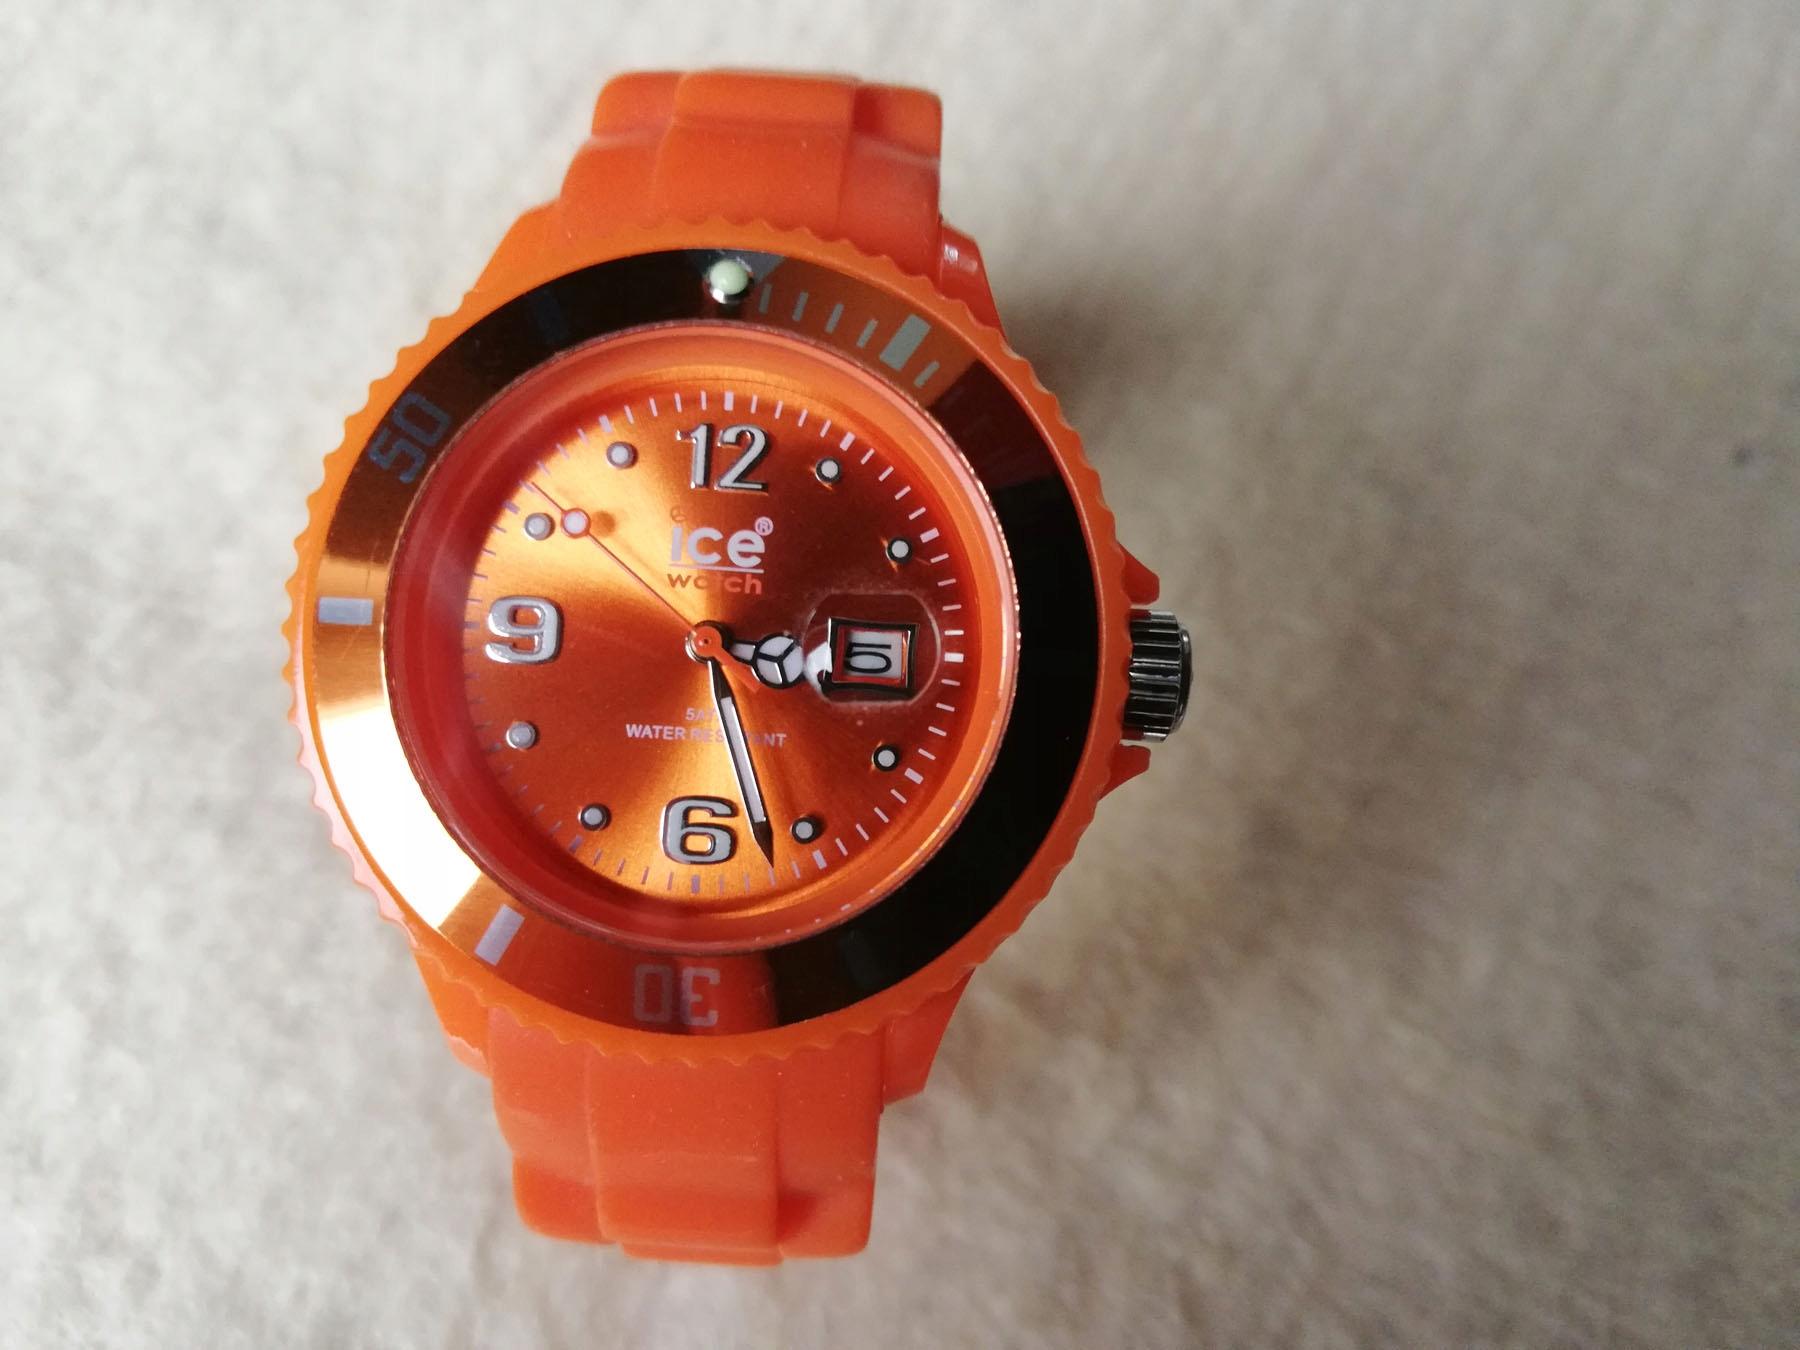 Zegarek ICE Watch 5ATM, prezent na komunię,komunia